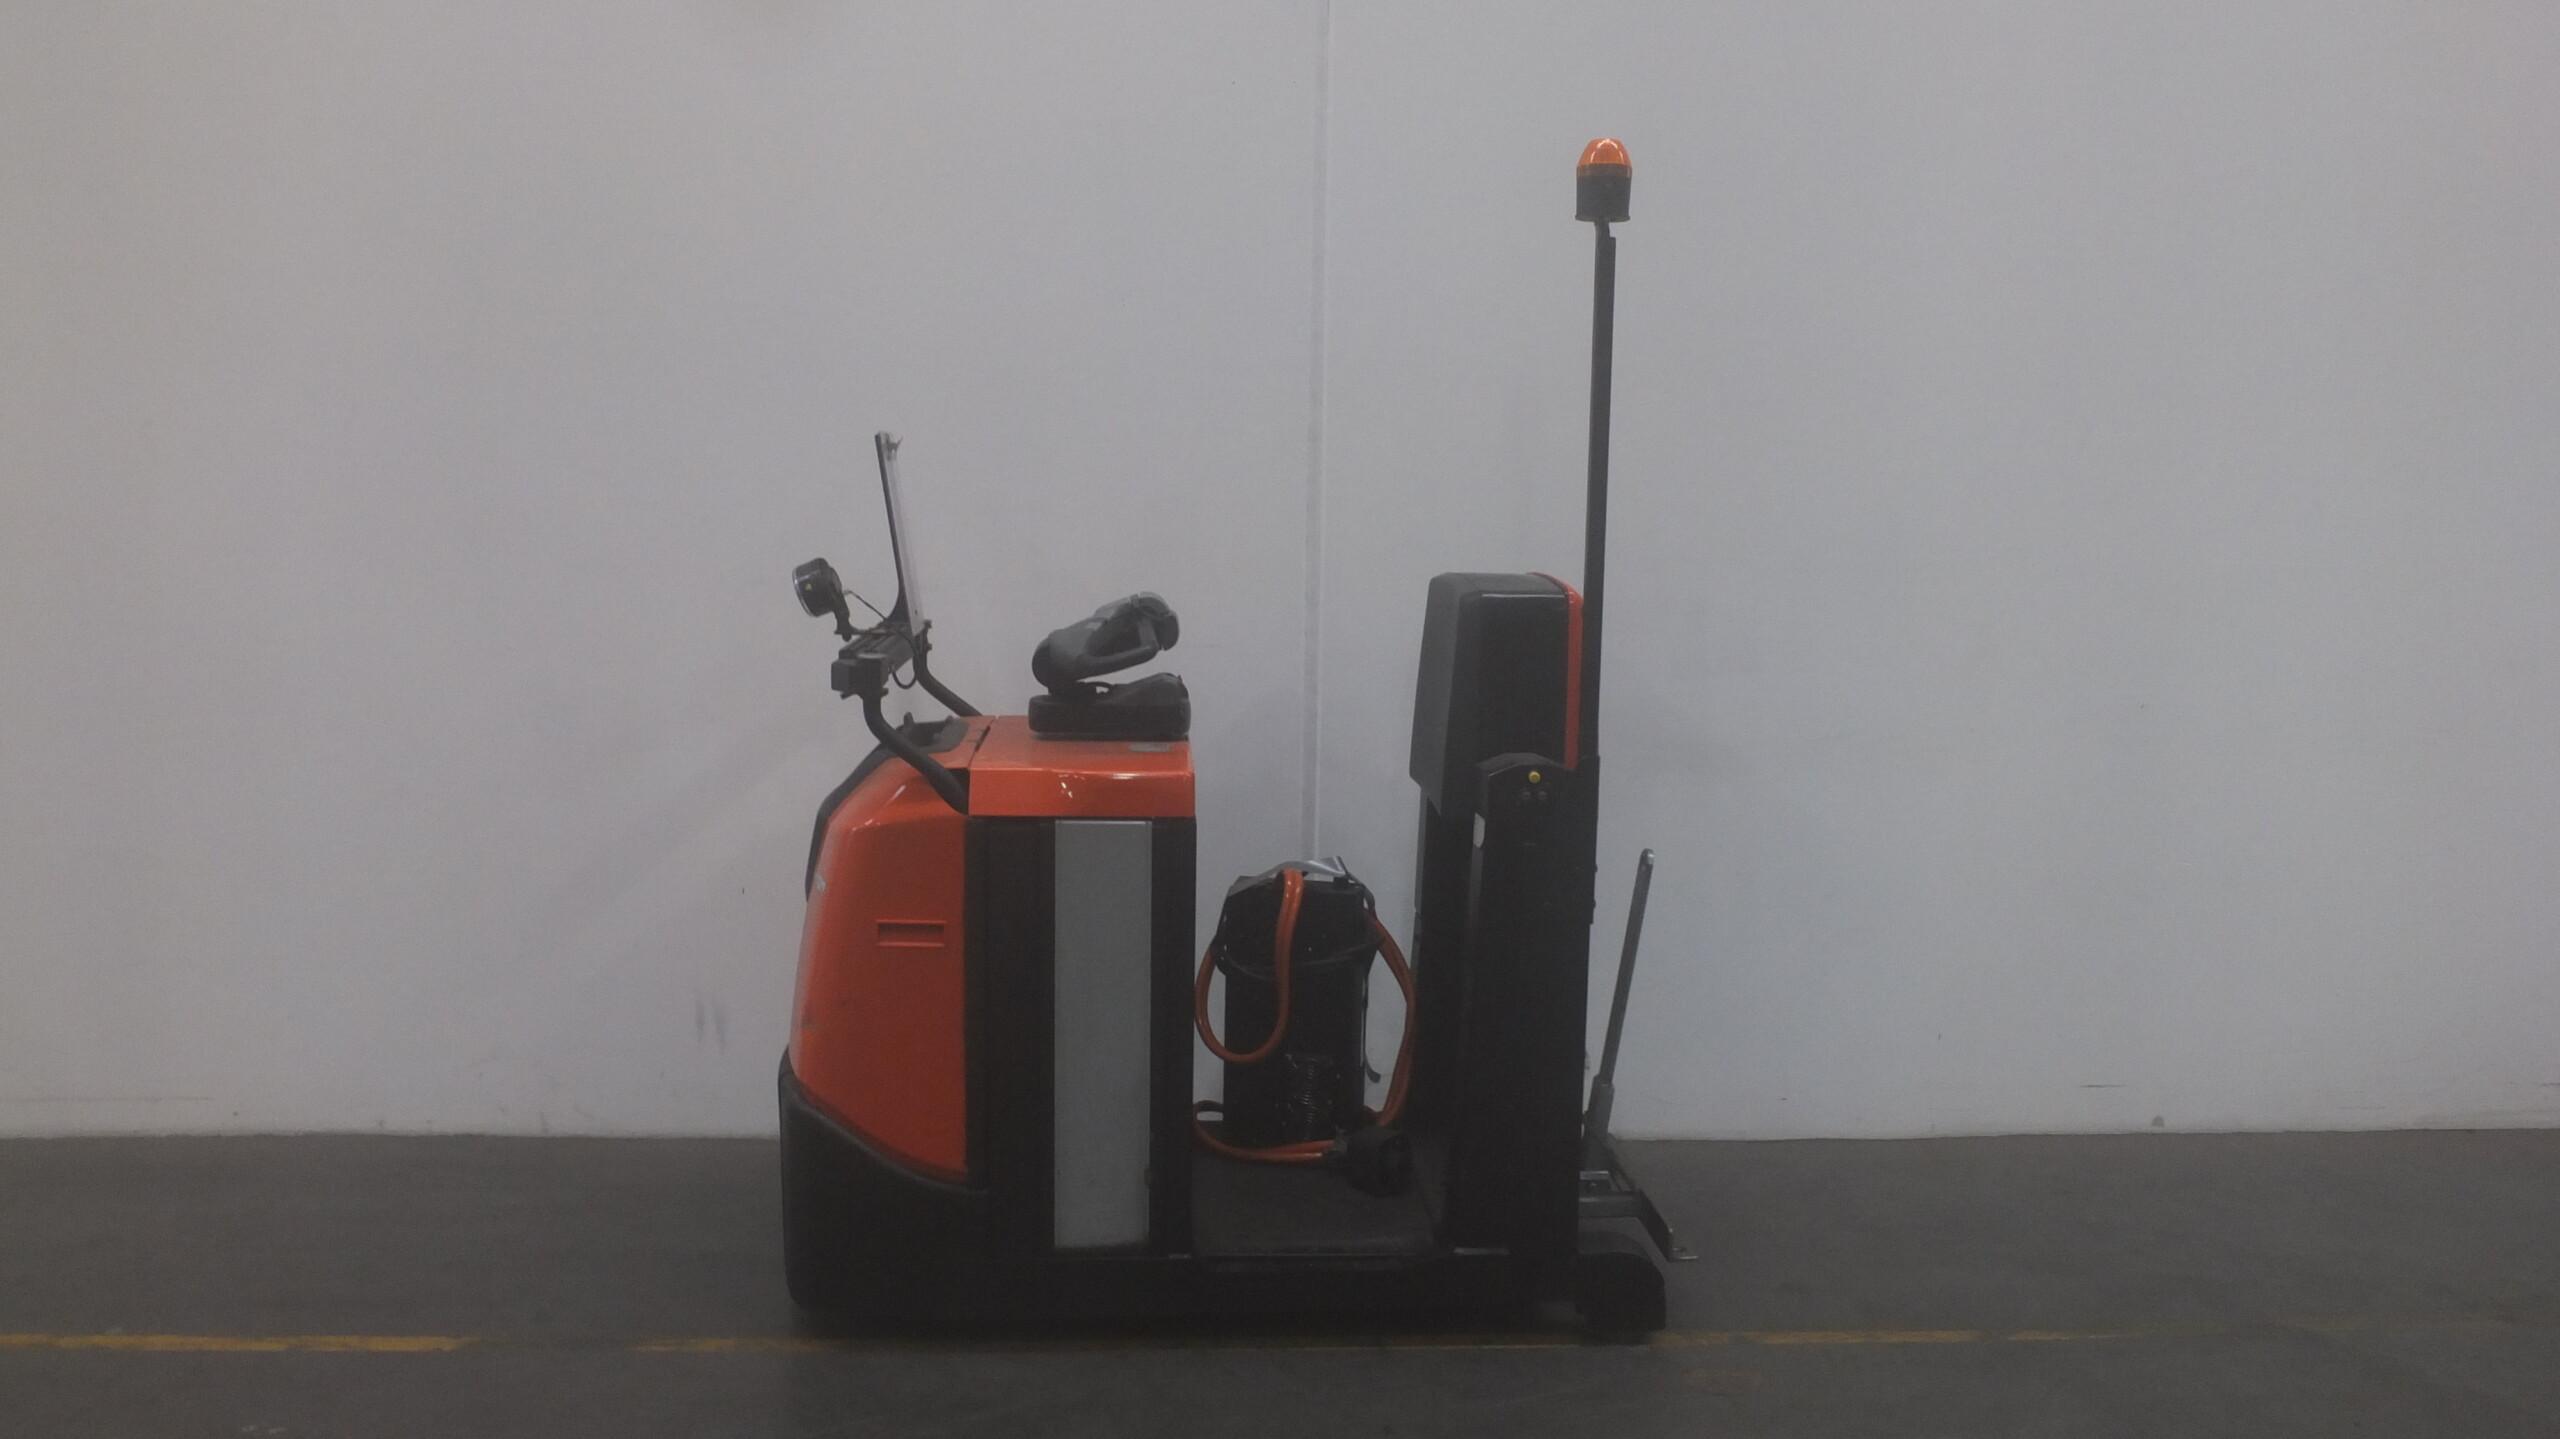 Toyota-Gabelstapler-59840 1803036579 1 6 scaled